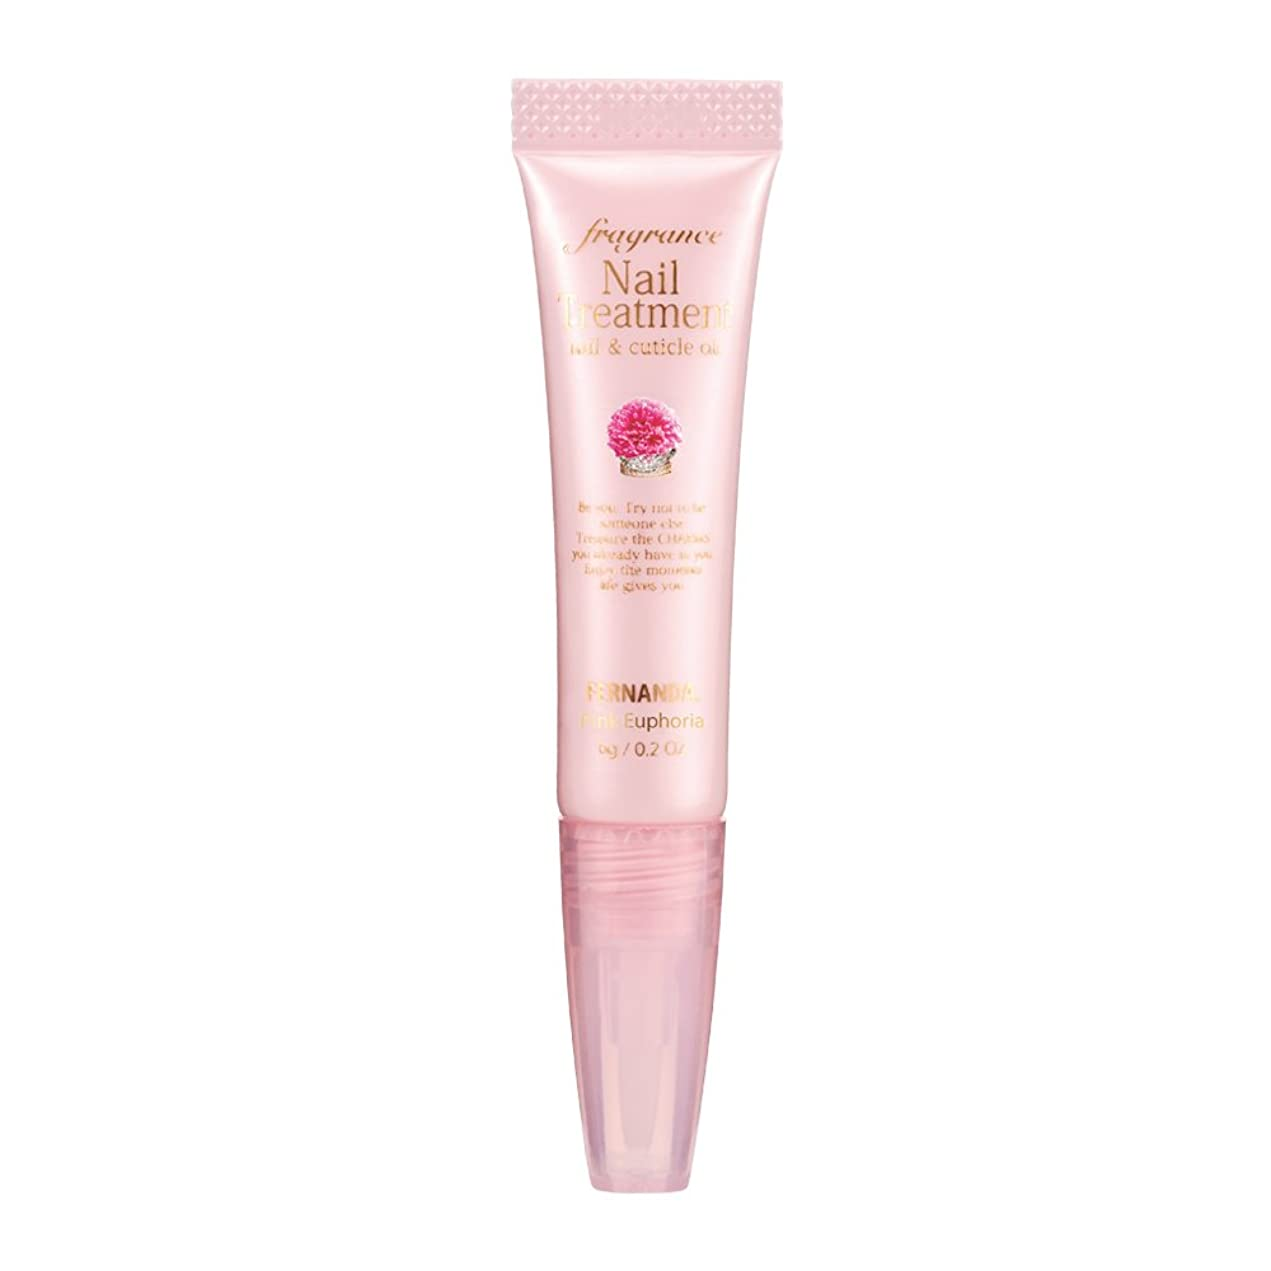 つかむプレビュー同盟FERNANDA(フェルナンダ) Fragrance Nail Treatment Pink Euphoria (ネイルトリートメント ピンクエウフォリア)